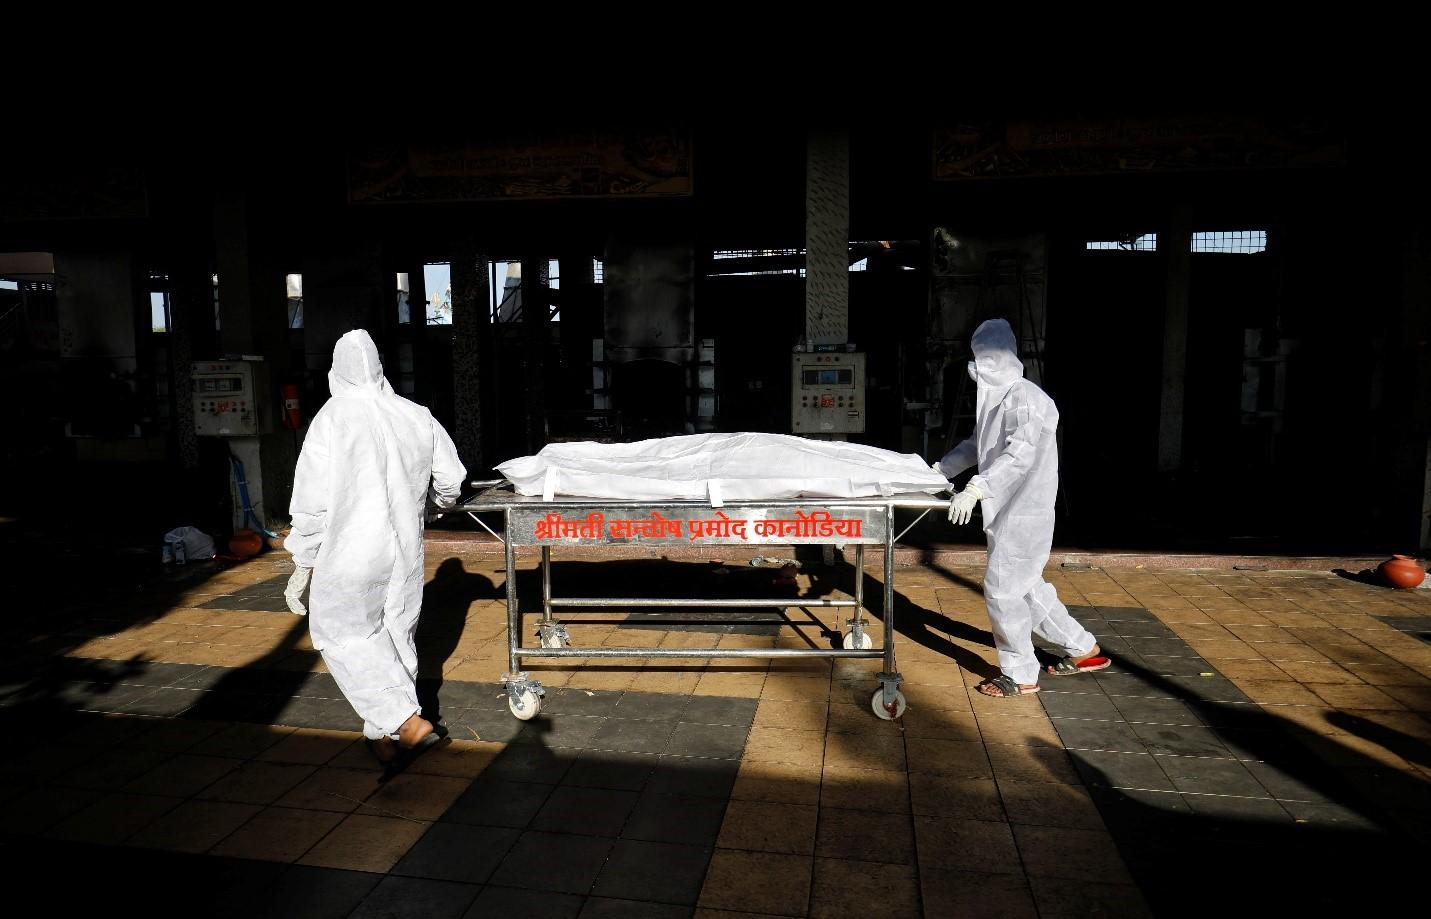 Số ca tử vong thực tế tại Ấn Độ cao hơn rất nhiều so với báo cáo chính thức - Ảnh 2.